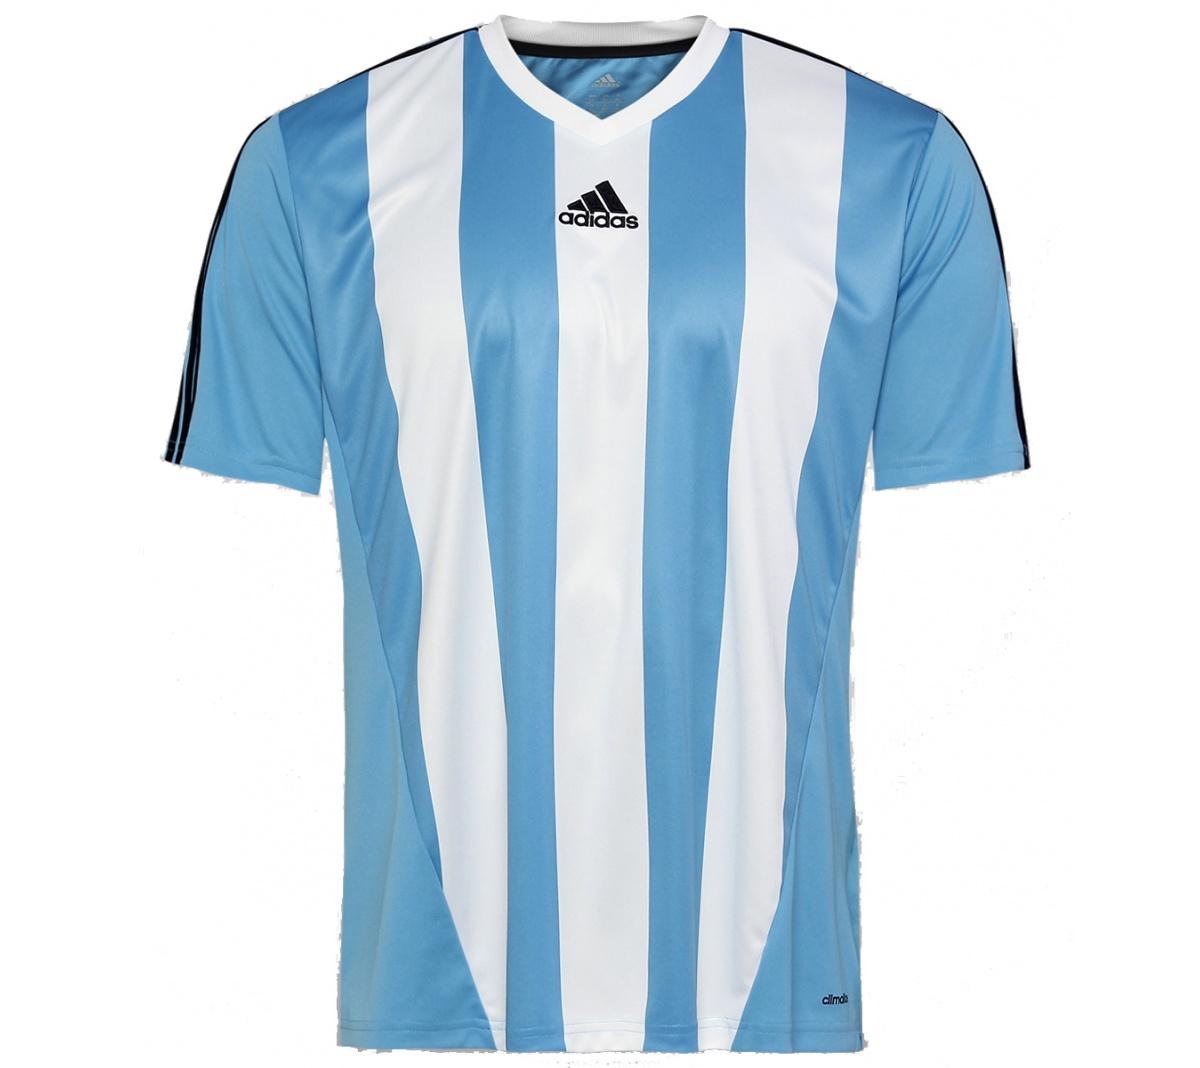 cca55e56ed284 Camisa Adidas Inspired Estro 13 Bc/Vm - Mundo do Futebol